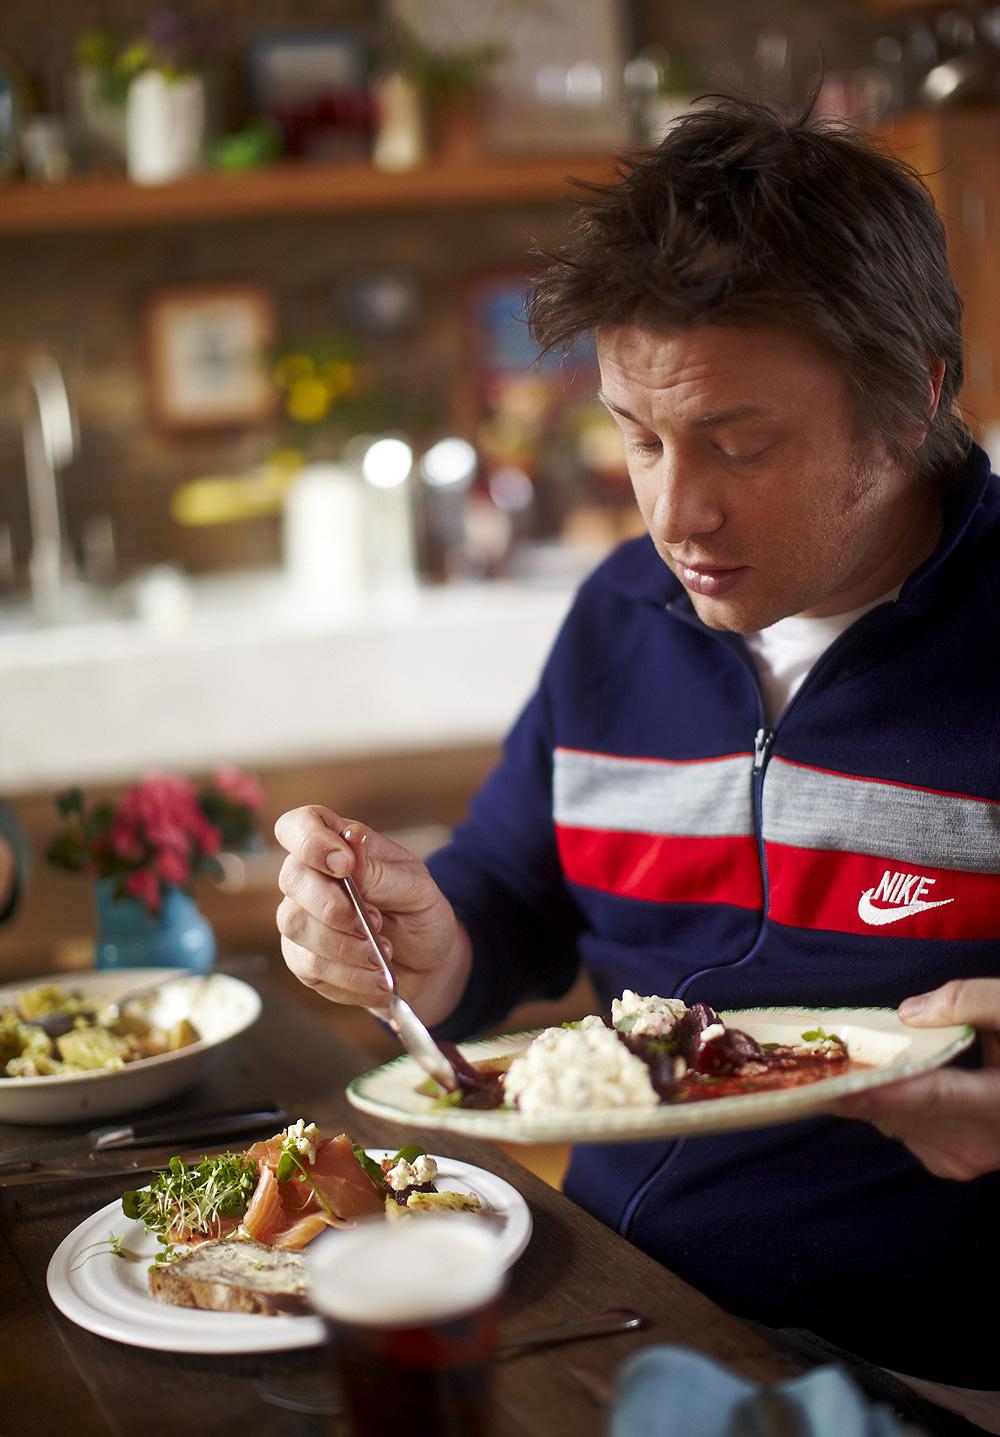 30 Minut Jamiego Wszystko O Programie Kuchnia